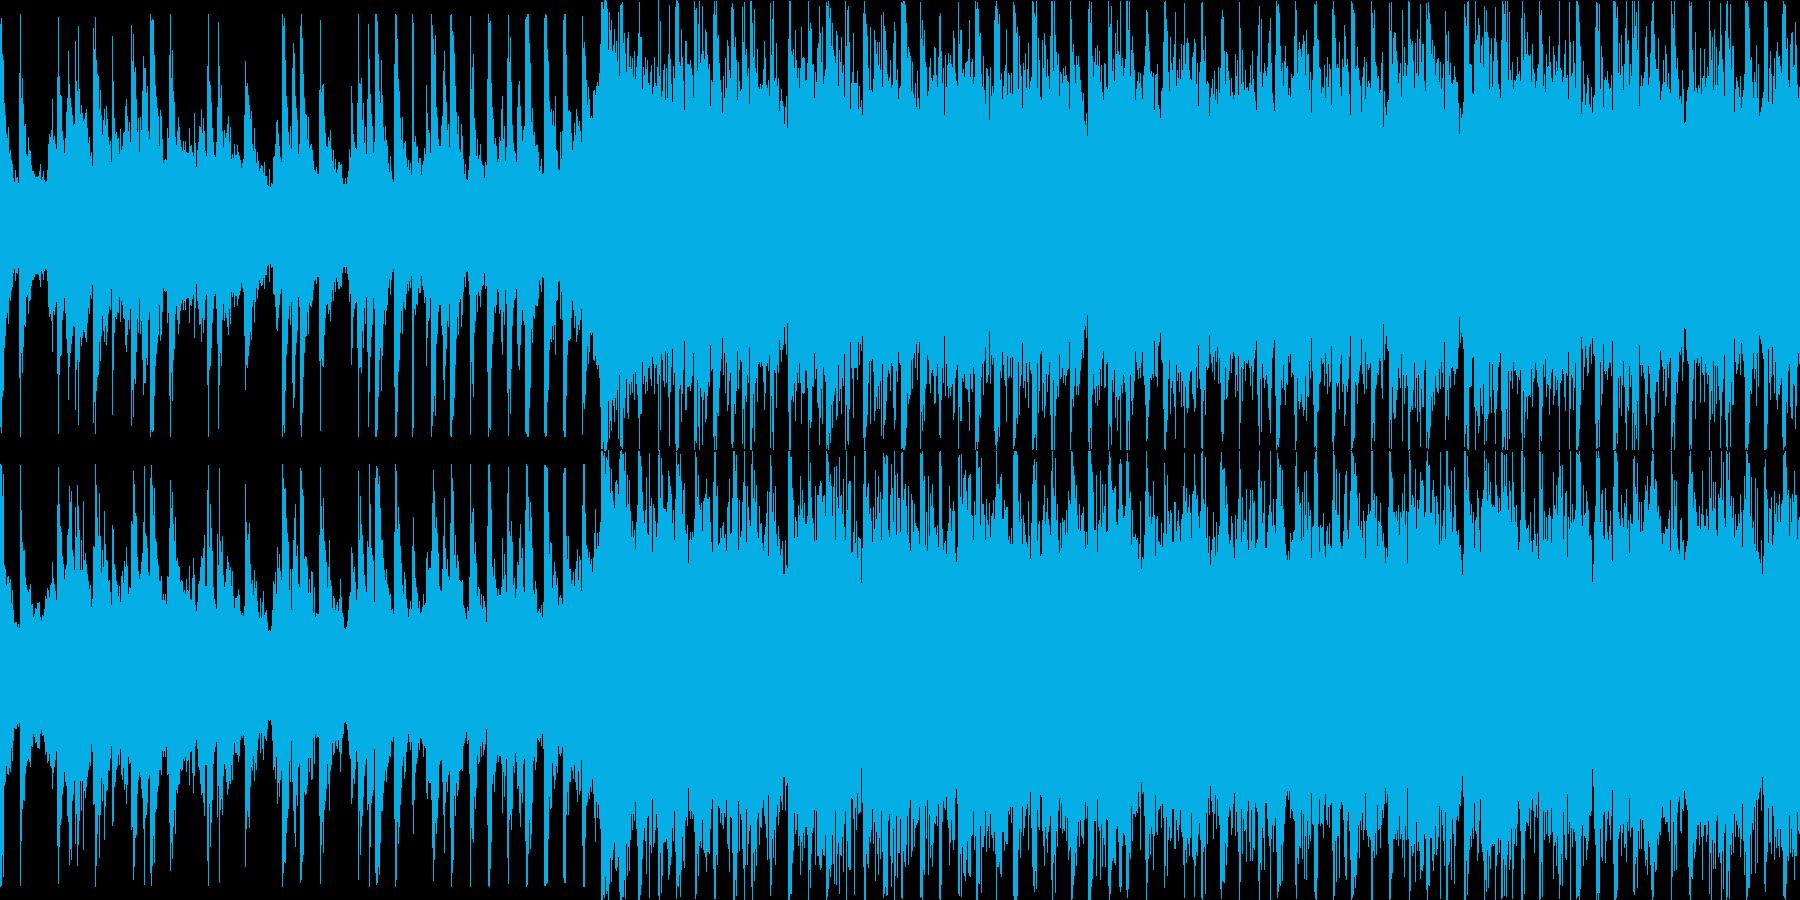 爽やかで楽しげなアコギインストループの再生済みの波形